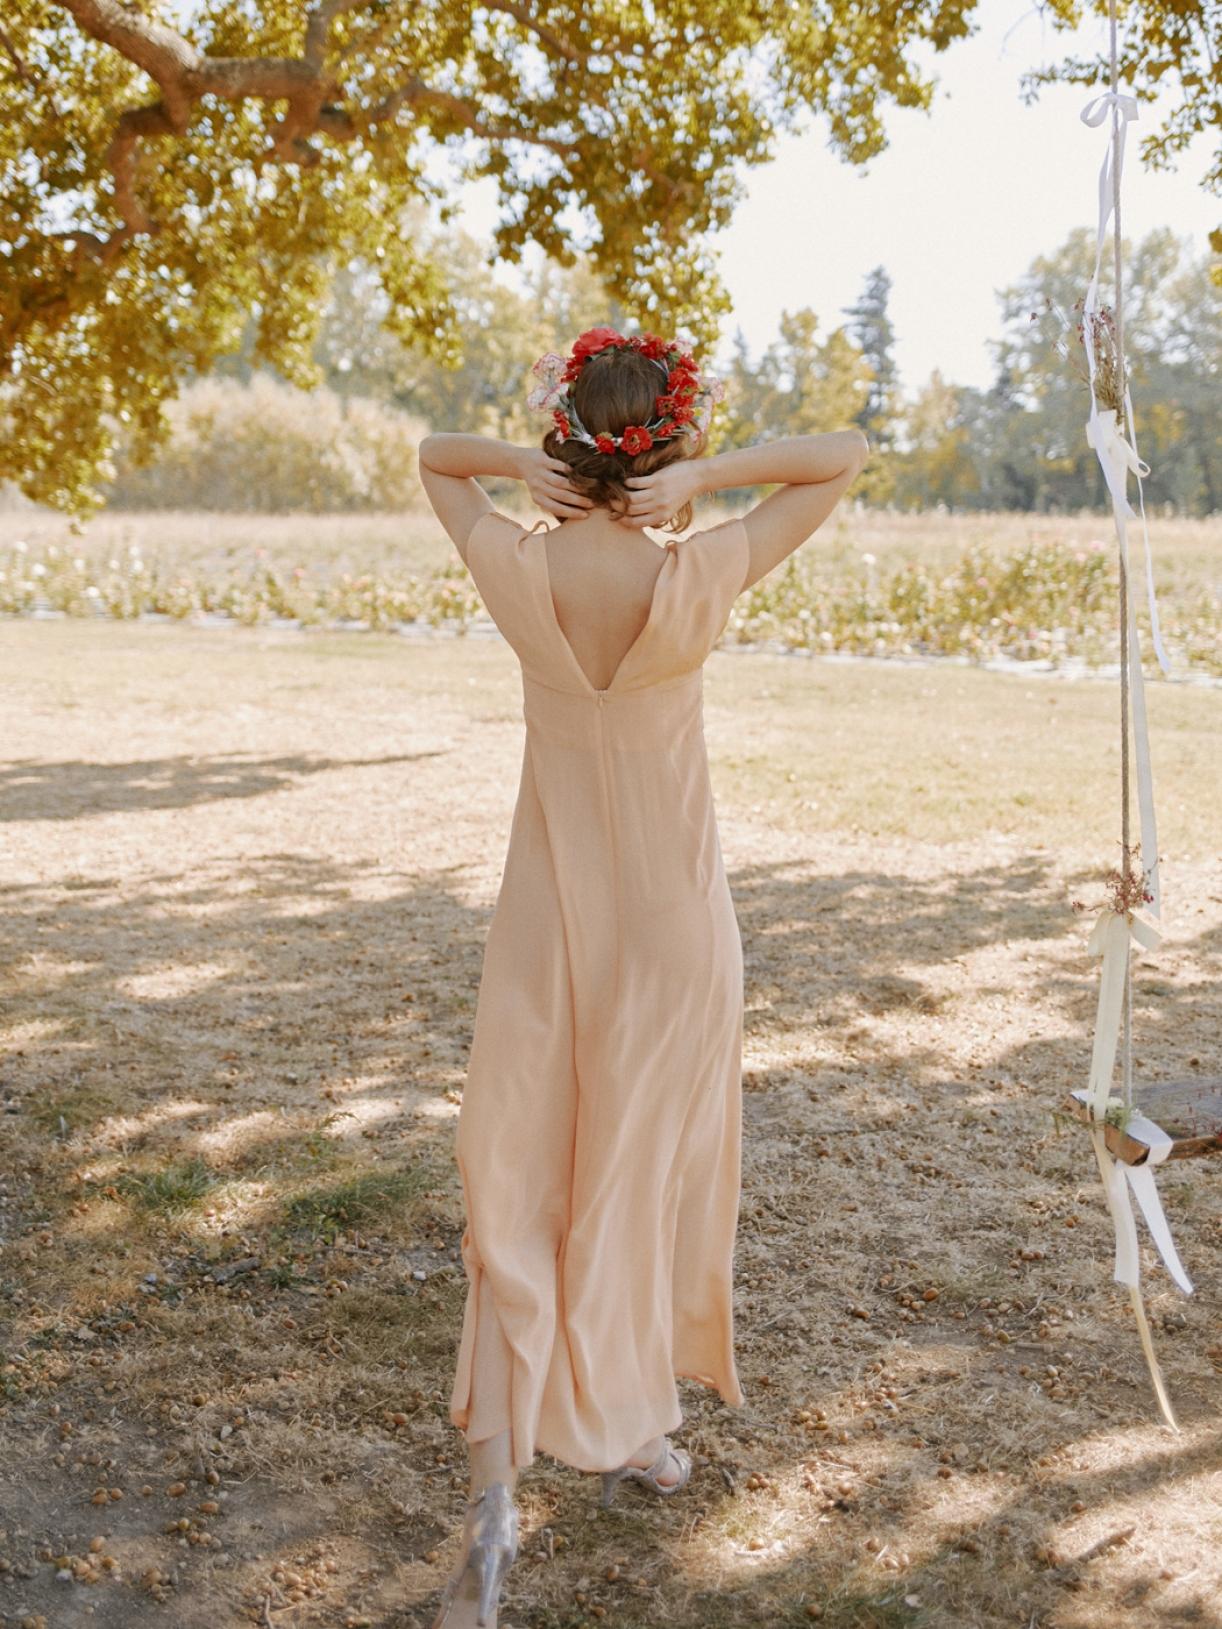 GABRIELLE - Robe de mariée longue créateur et sur-mesure pas cher a Paris - Myphilosophy